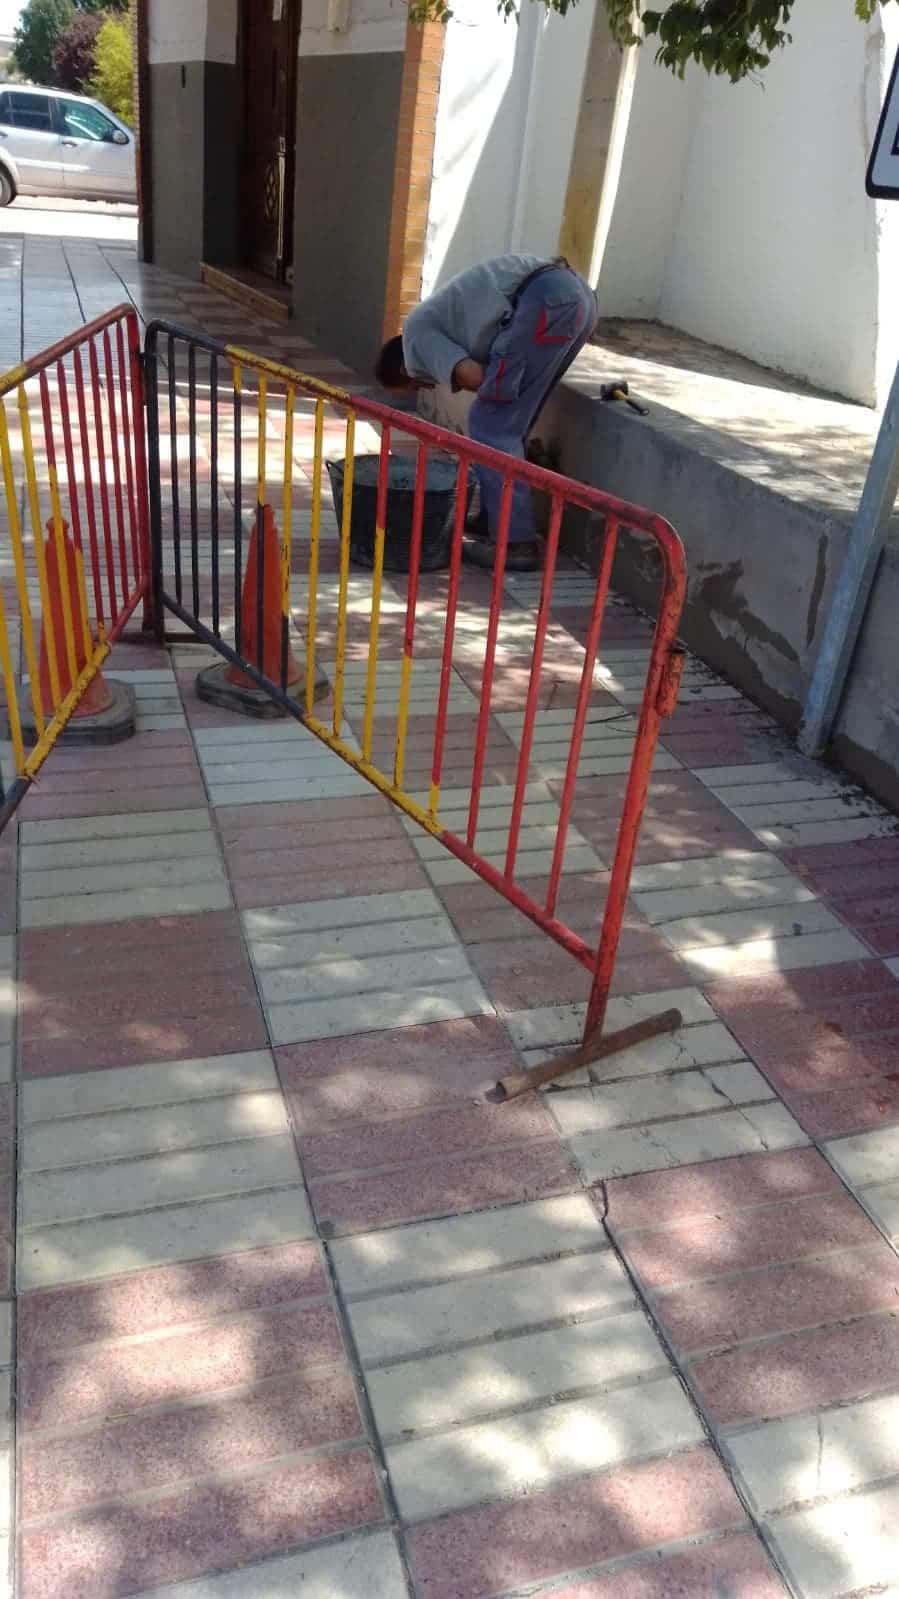 obras vias publicas herencia 3 - Continua la conservación de las vías públicas en Herencia